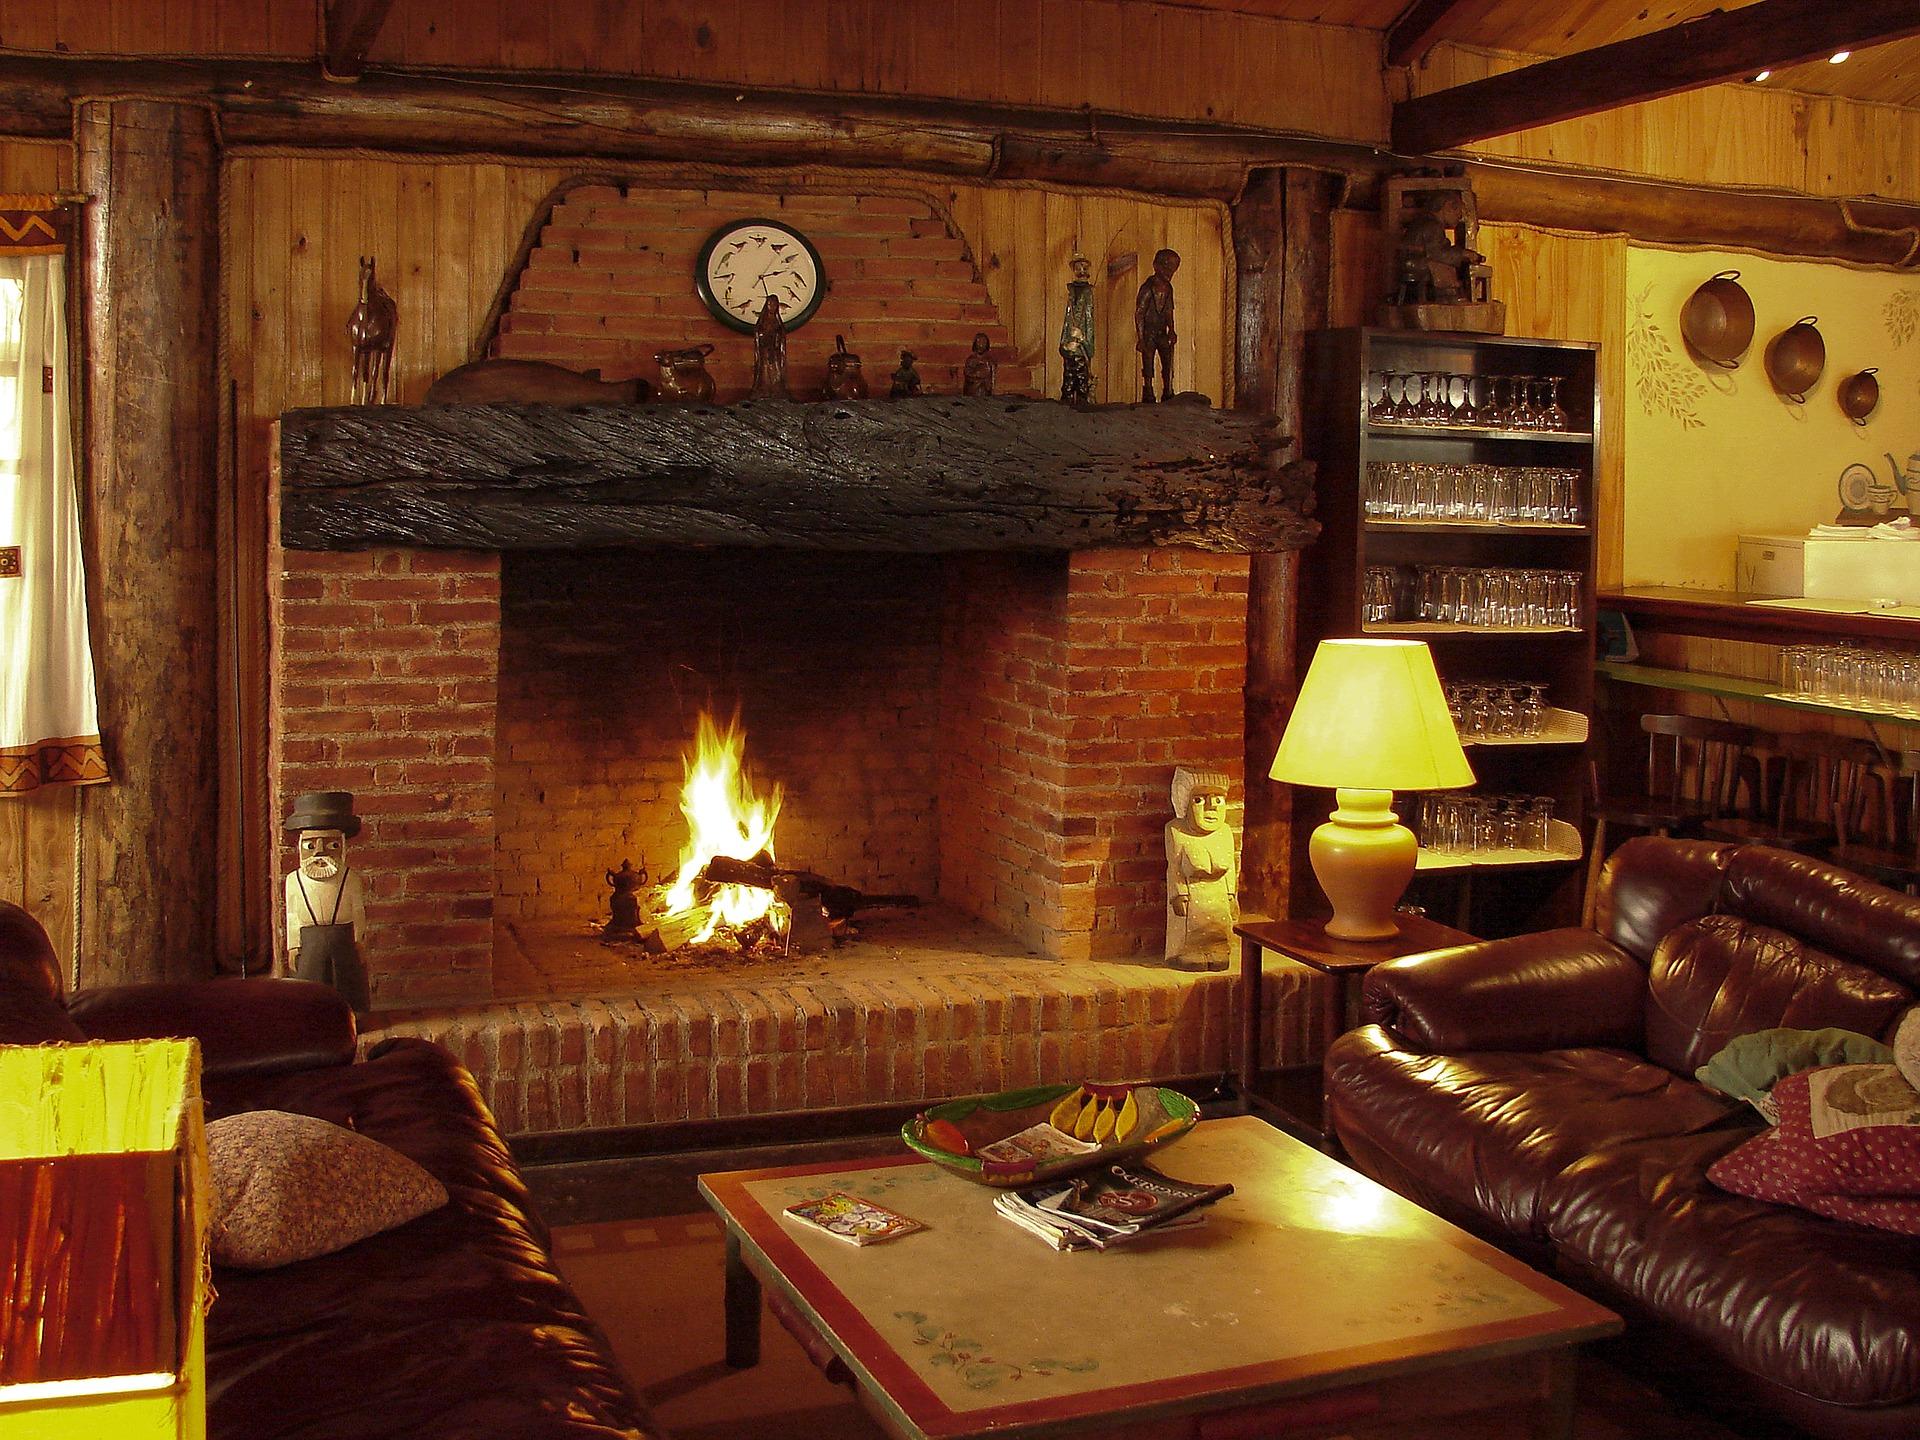 Creeer een warm gevoel in huis.